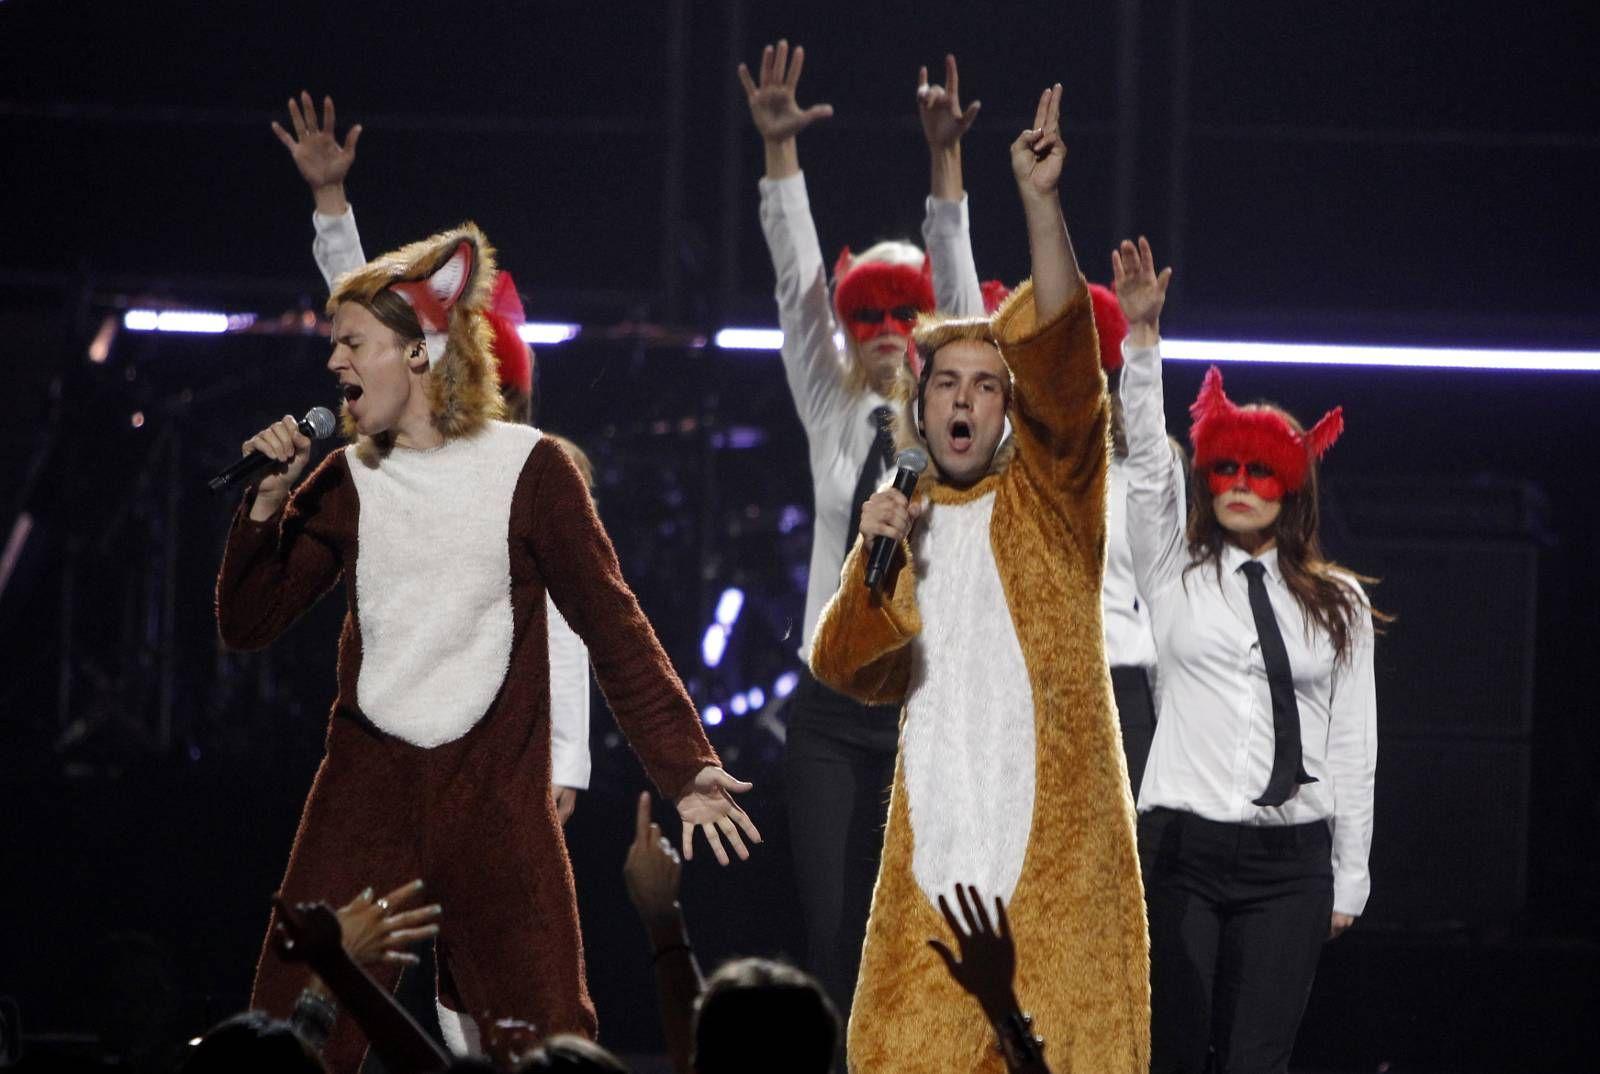 """REGJERER: For tiden er Ylvis kongene av hitlistene. Nå har de nådd toppen av Billboard Hot 100 med """"The Fox"""". Foto: Steve Marcus, Reuters"""